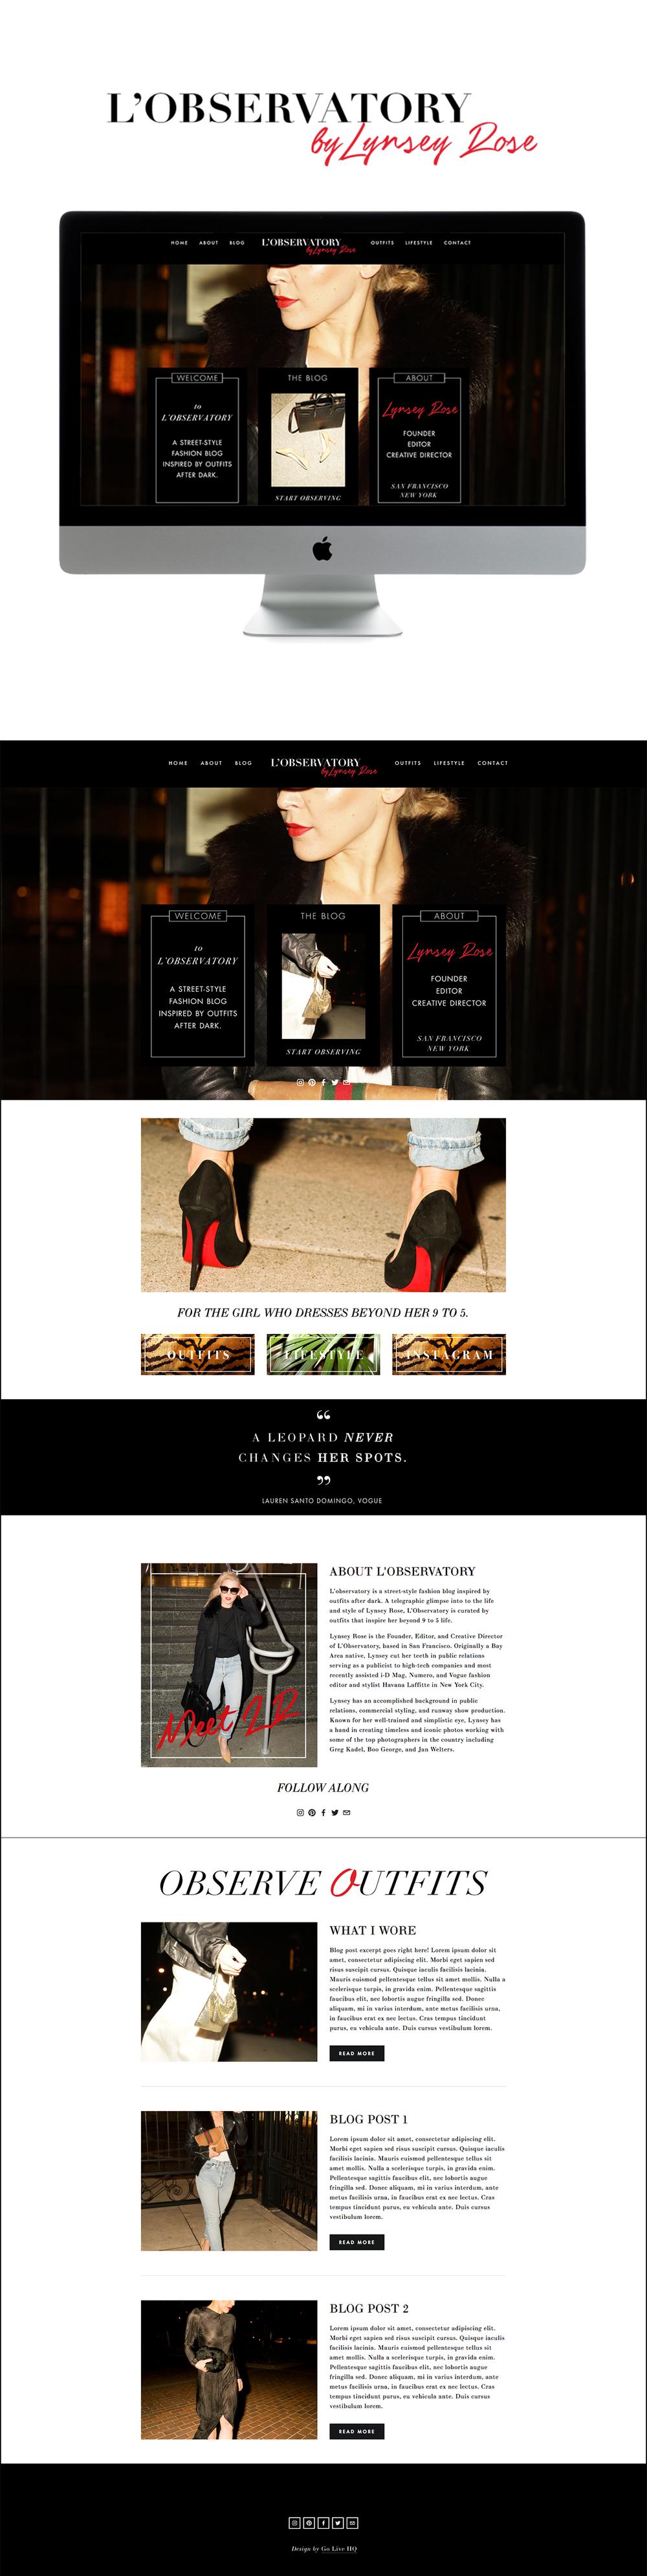 editorial+sexy+squarespace+blog+design+_+designed+by_+golivehq.jpg